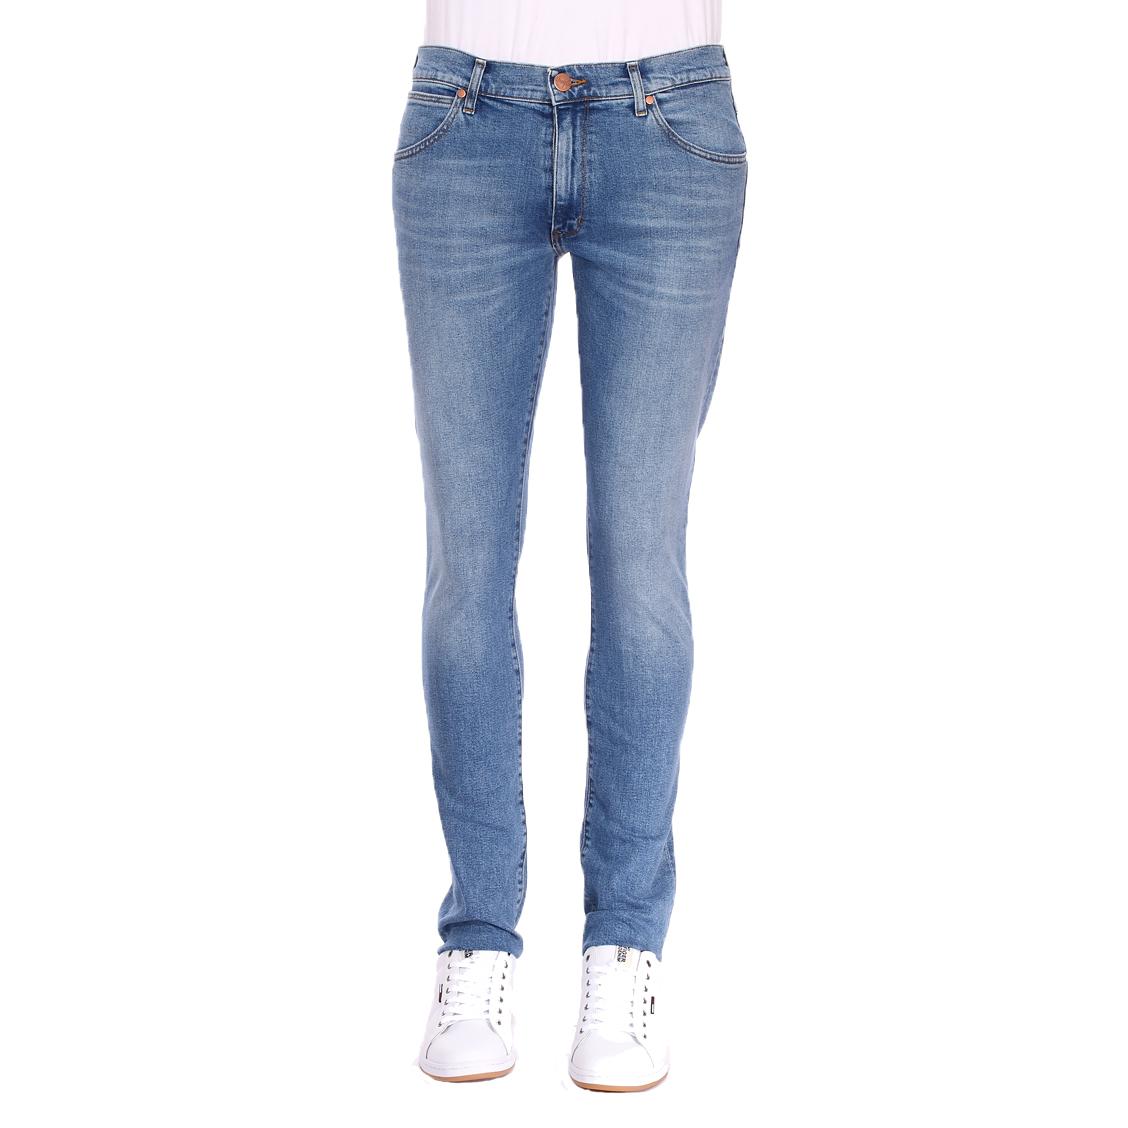 Jean slim tapered  larston en coton mélangé stretch bleu clair légèrement délavé